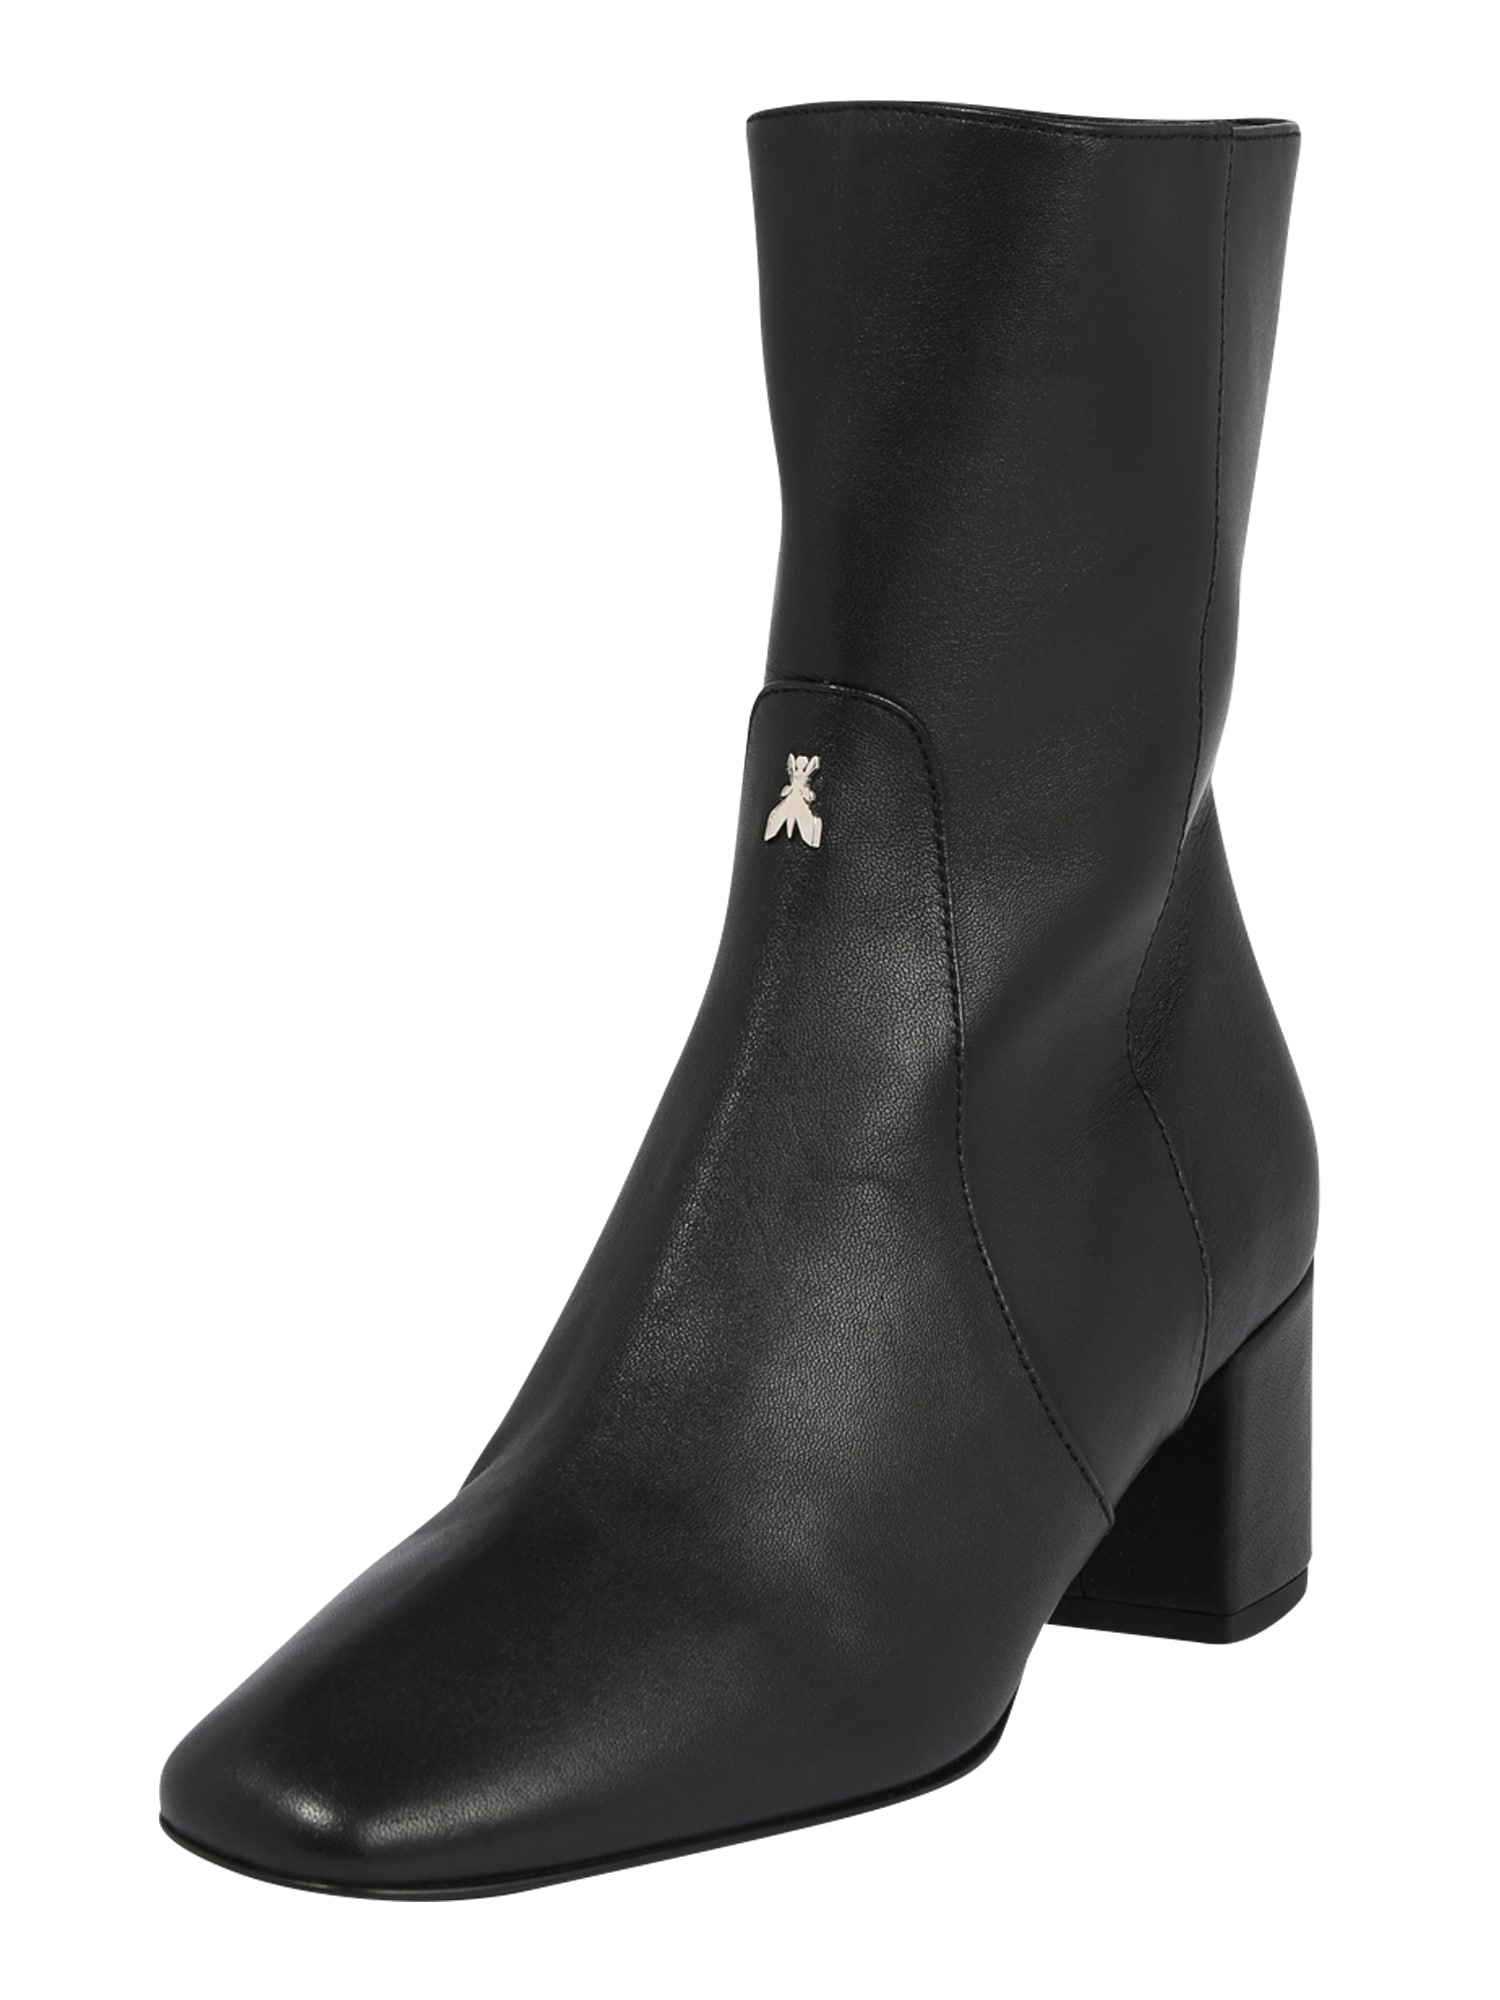 PATRIZIA PEPE Nízke čižmy 'Stivali'  čierna